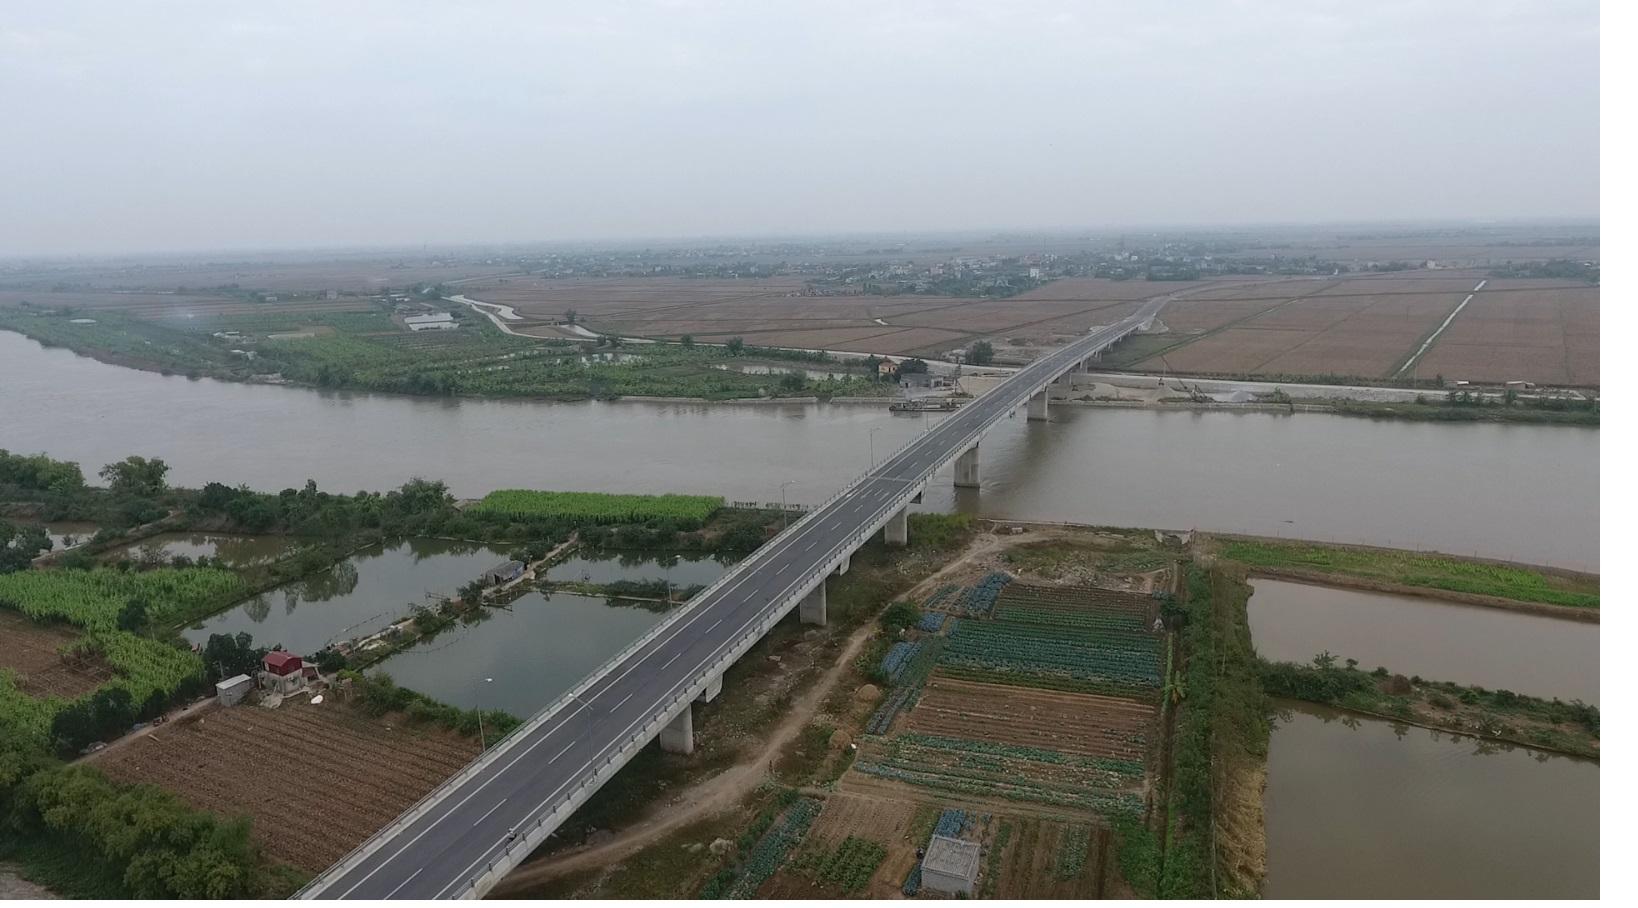 Hình 2.Cầu Trà Giang nối hai huyện Kiến Xương và Thái Thụy